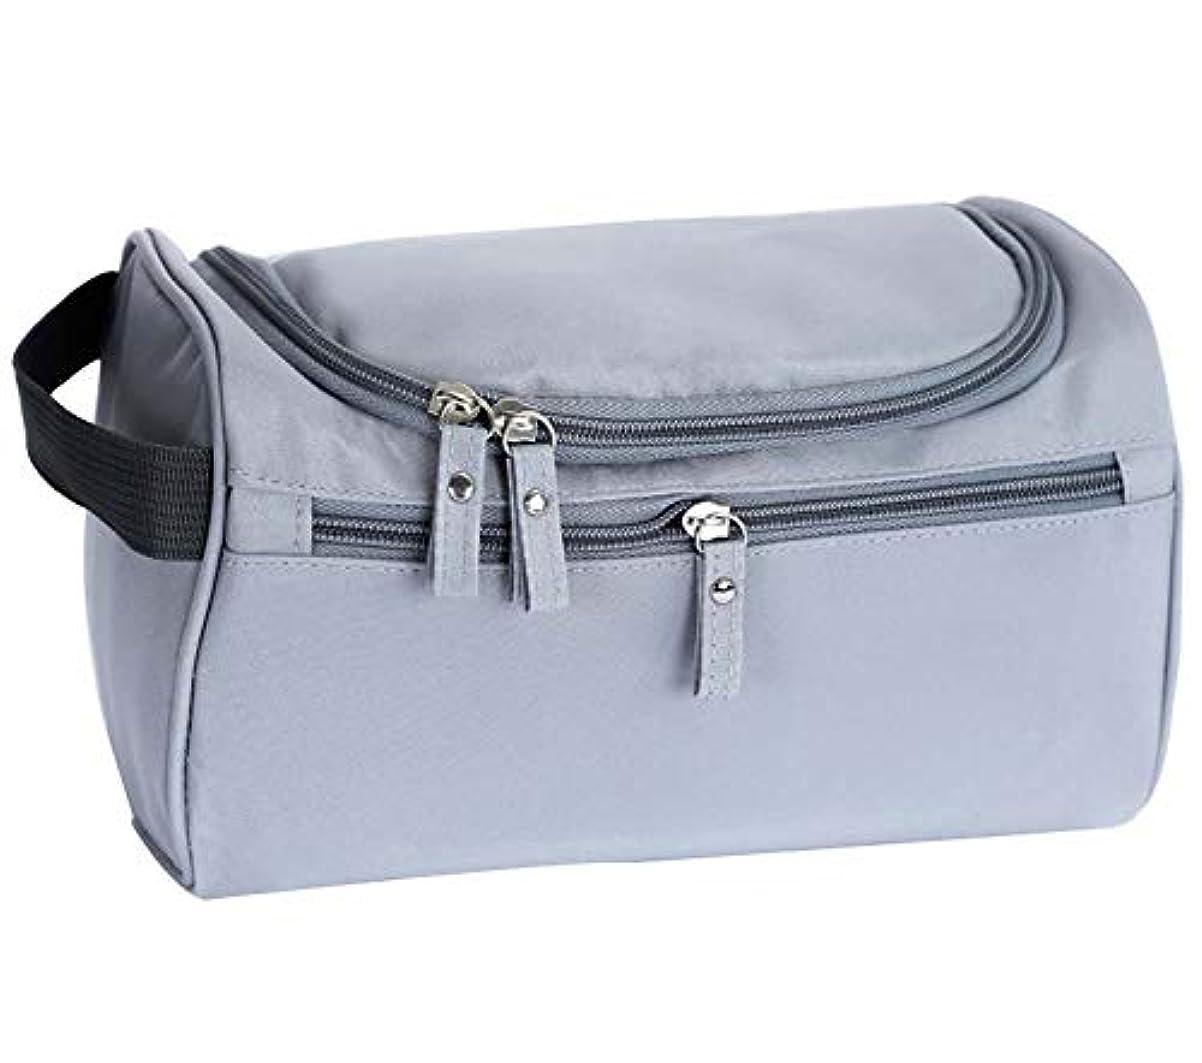 コンサート傾向ストレンジャー1個男性と女性のためのトイレタリーバッグをぶら下げ大容量トラベルコスメティックバッグ、灰色の